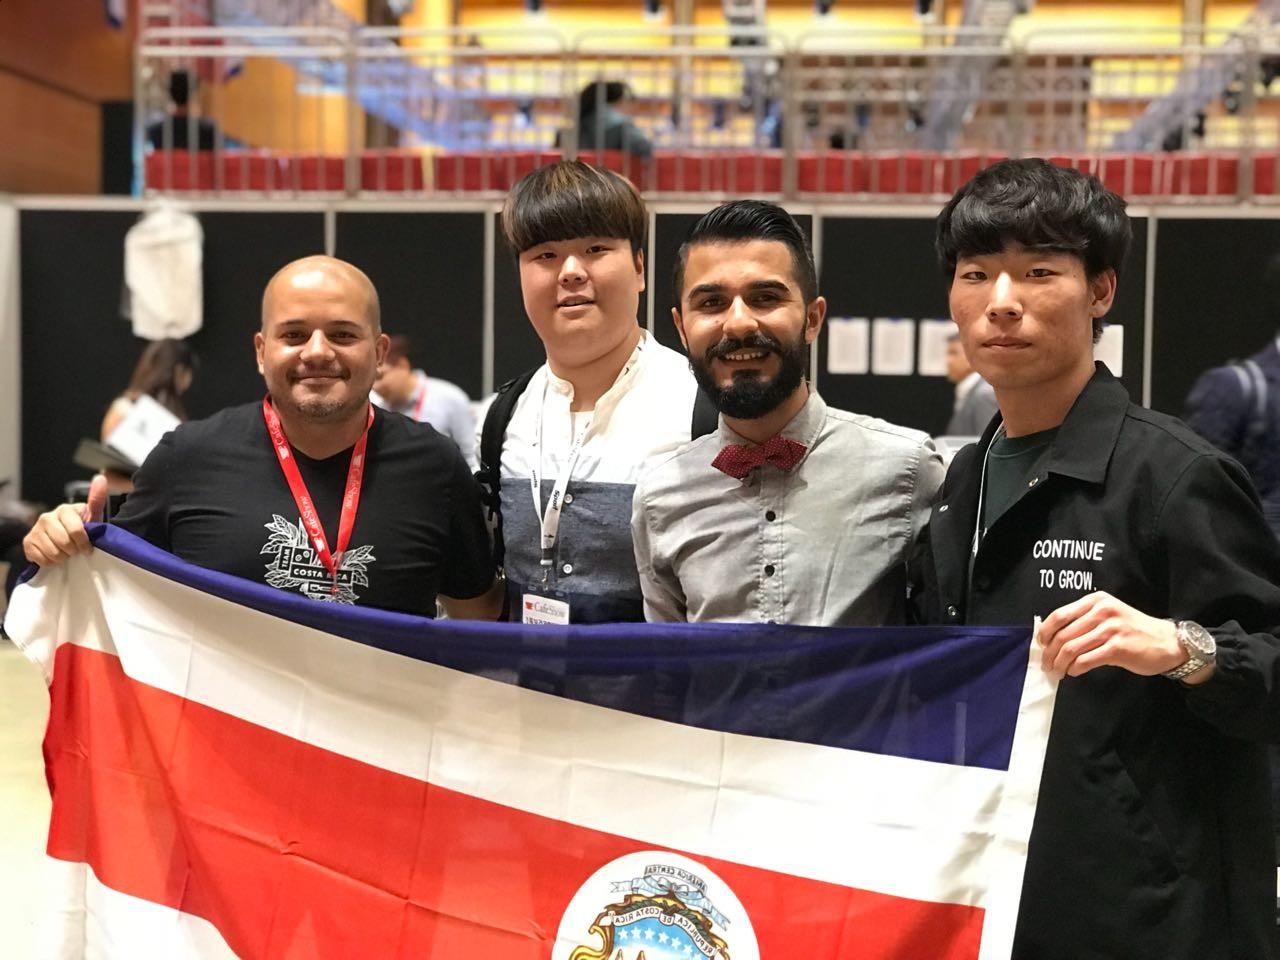 El costarricense y su entrenador, tuvieron la posibilidad de compartir con otros competidores de distintas partes del mundo.